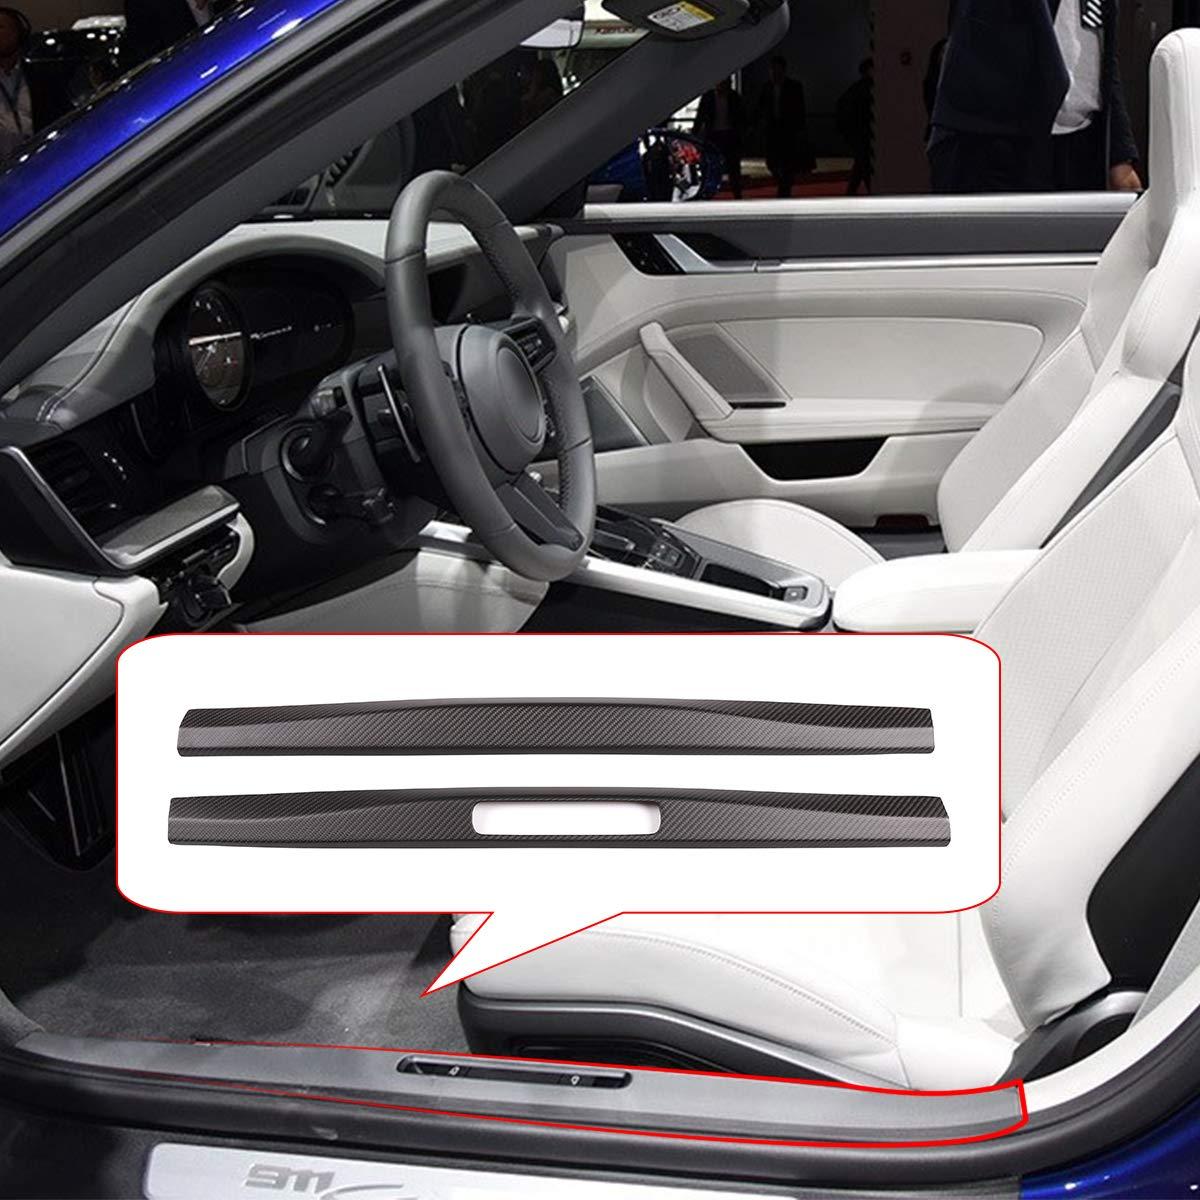 Rivestimento interno in fibra di carbonio per battitacco della portiera per 911 718 2016-2020